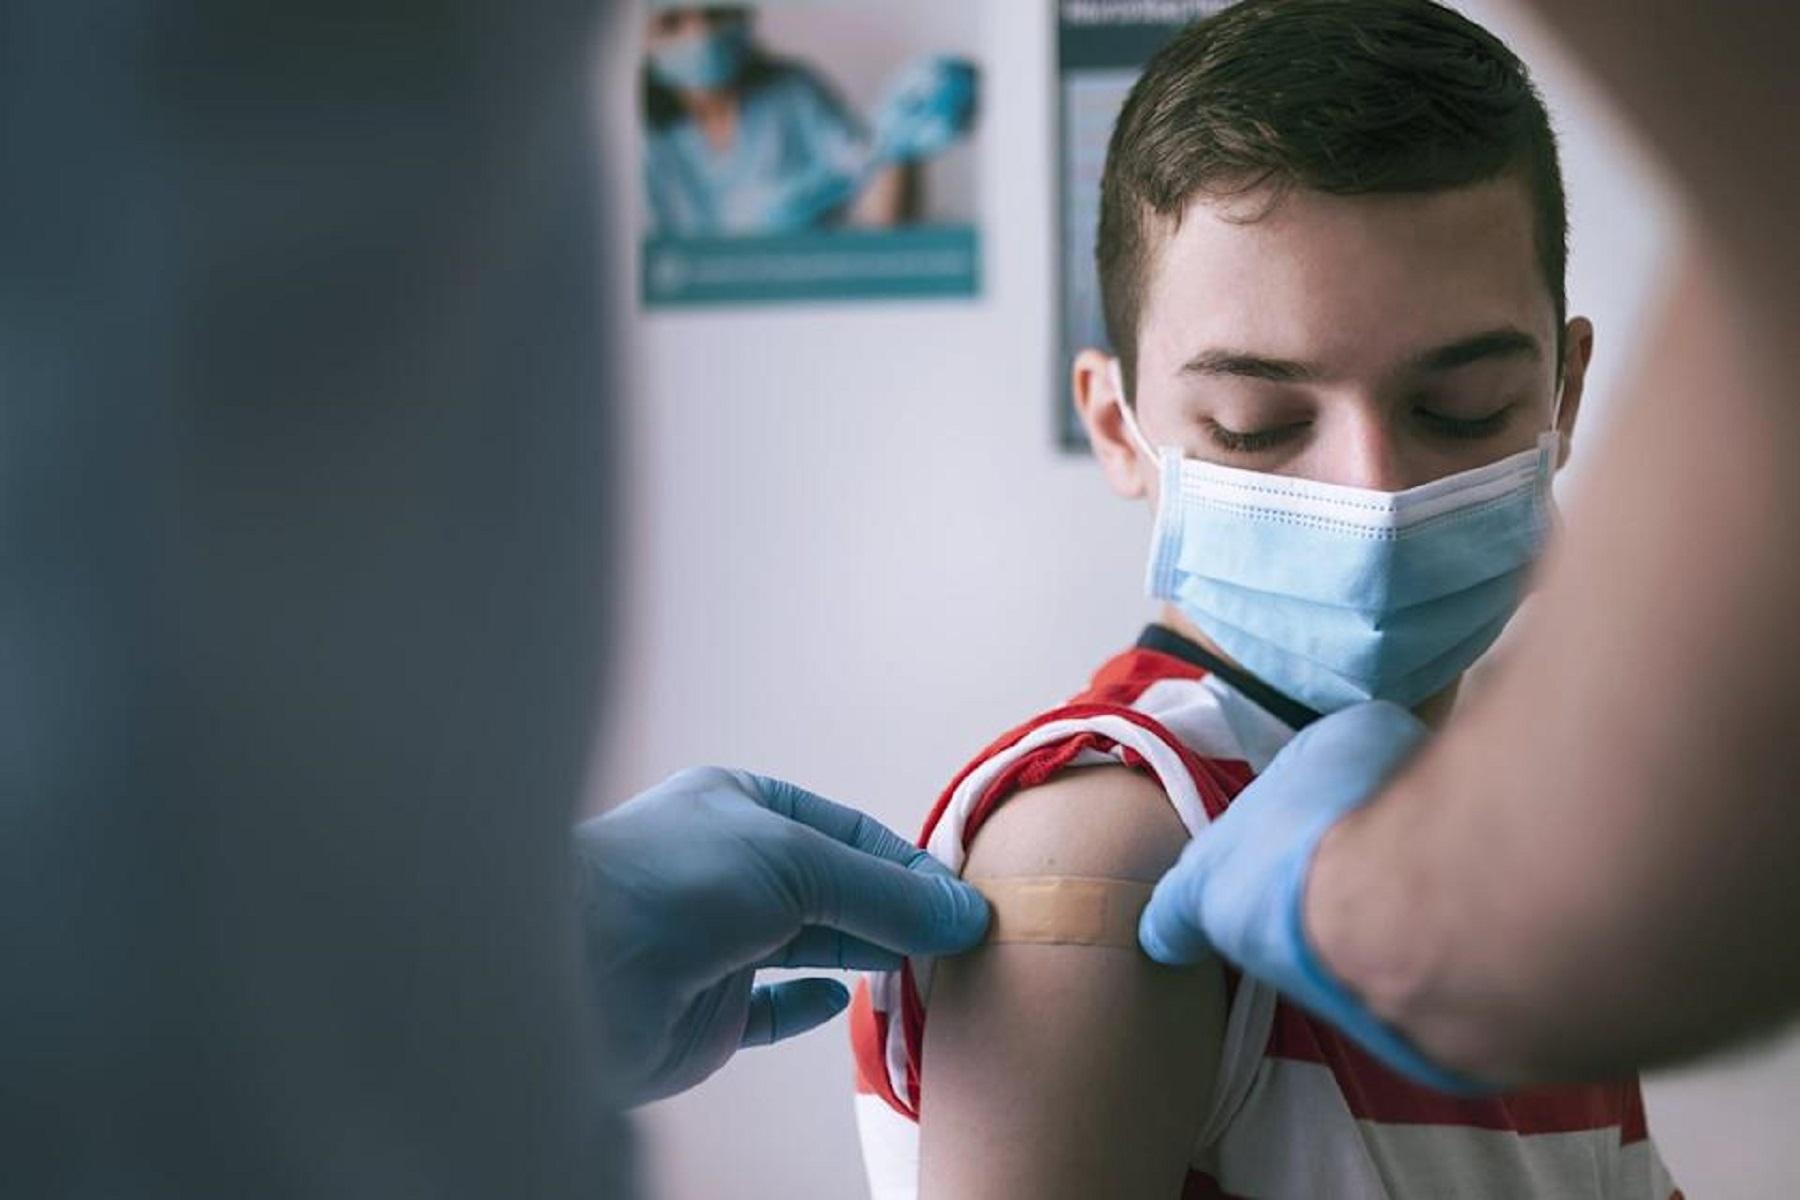 CDC ΗΠΑ: Επείγουσα συνάντηση για τα περιστατικά καρδιακής φλεγμονής σε νέους μετά τη λήψη εμβολίου covid-19